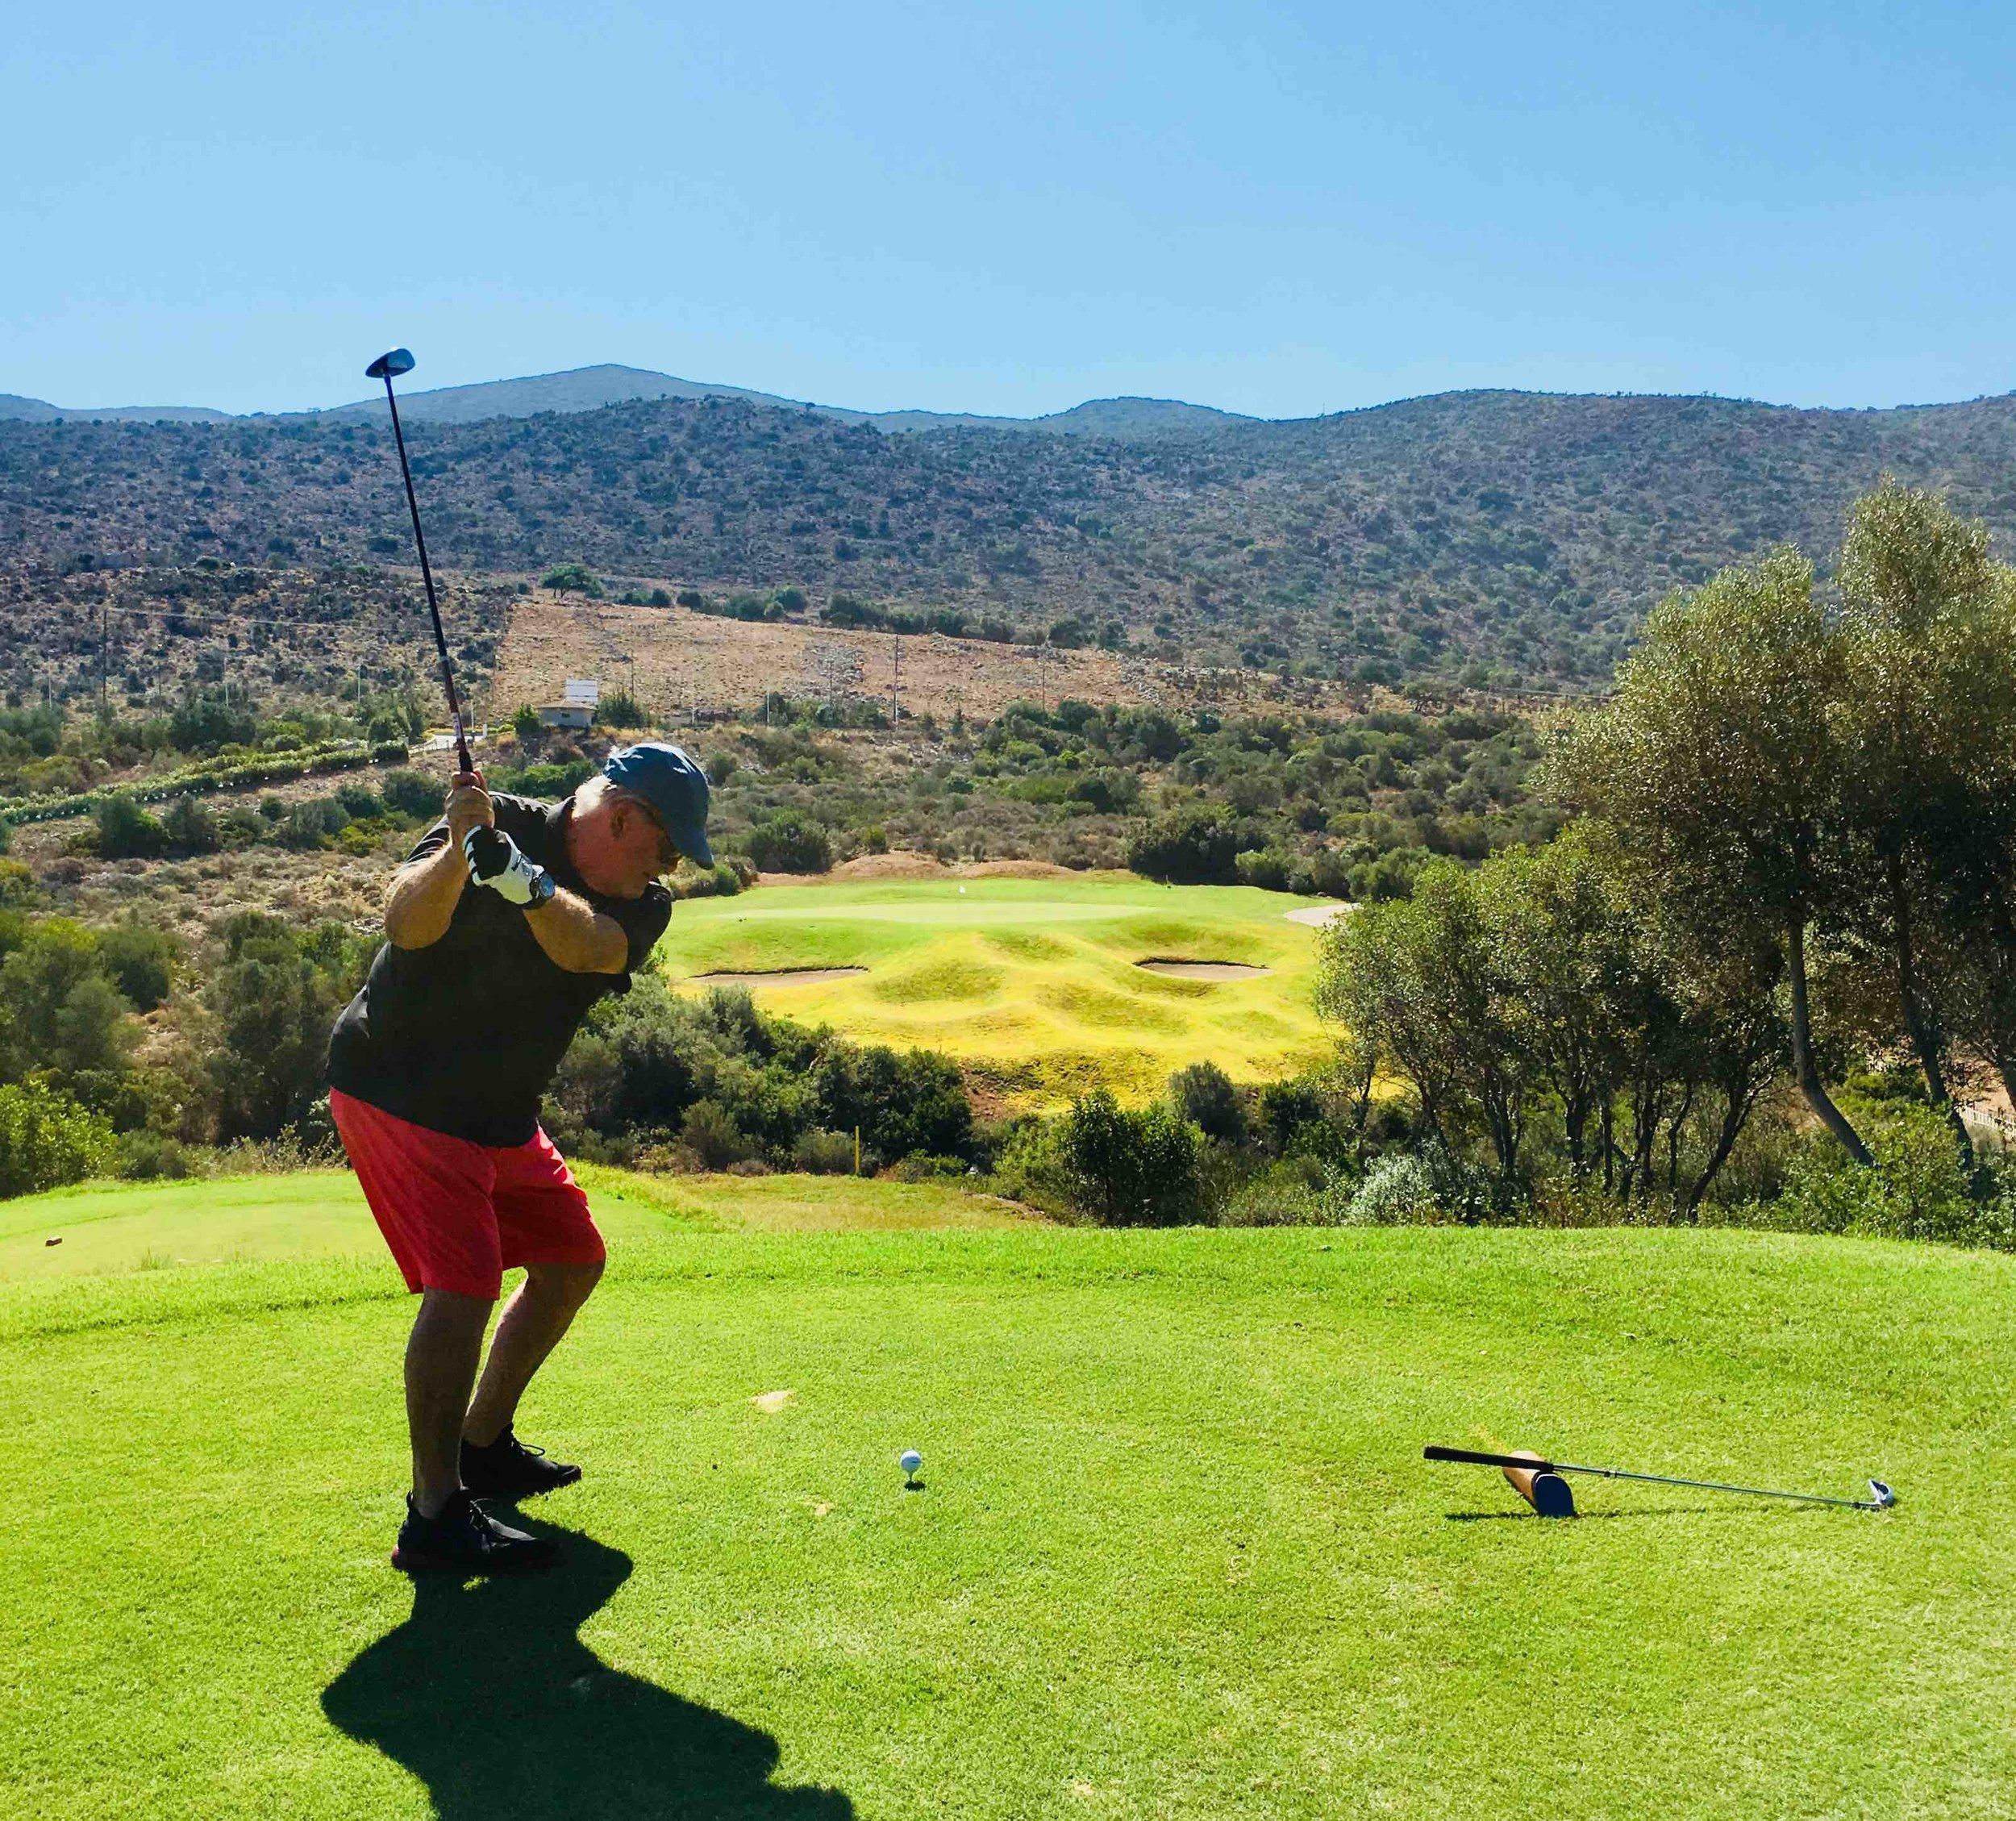 Crete golf course